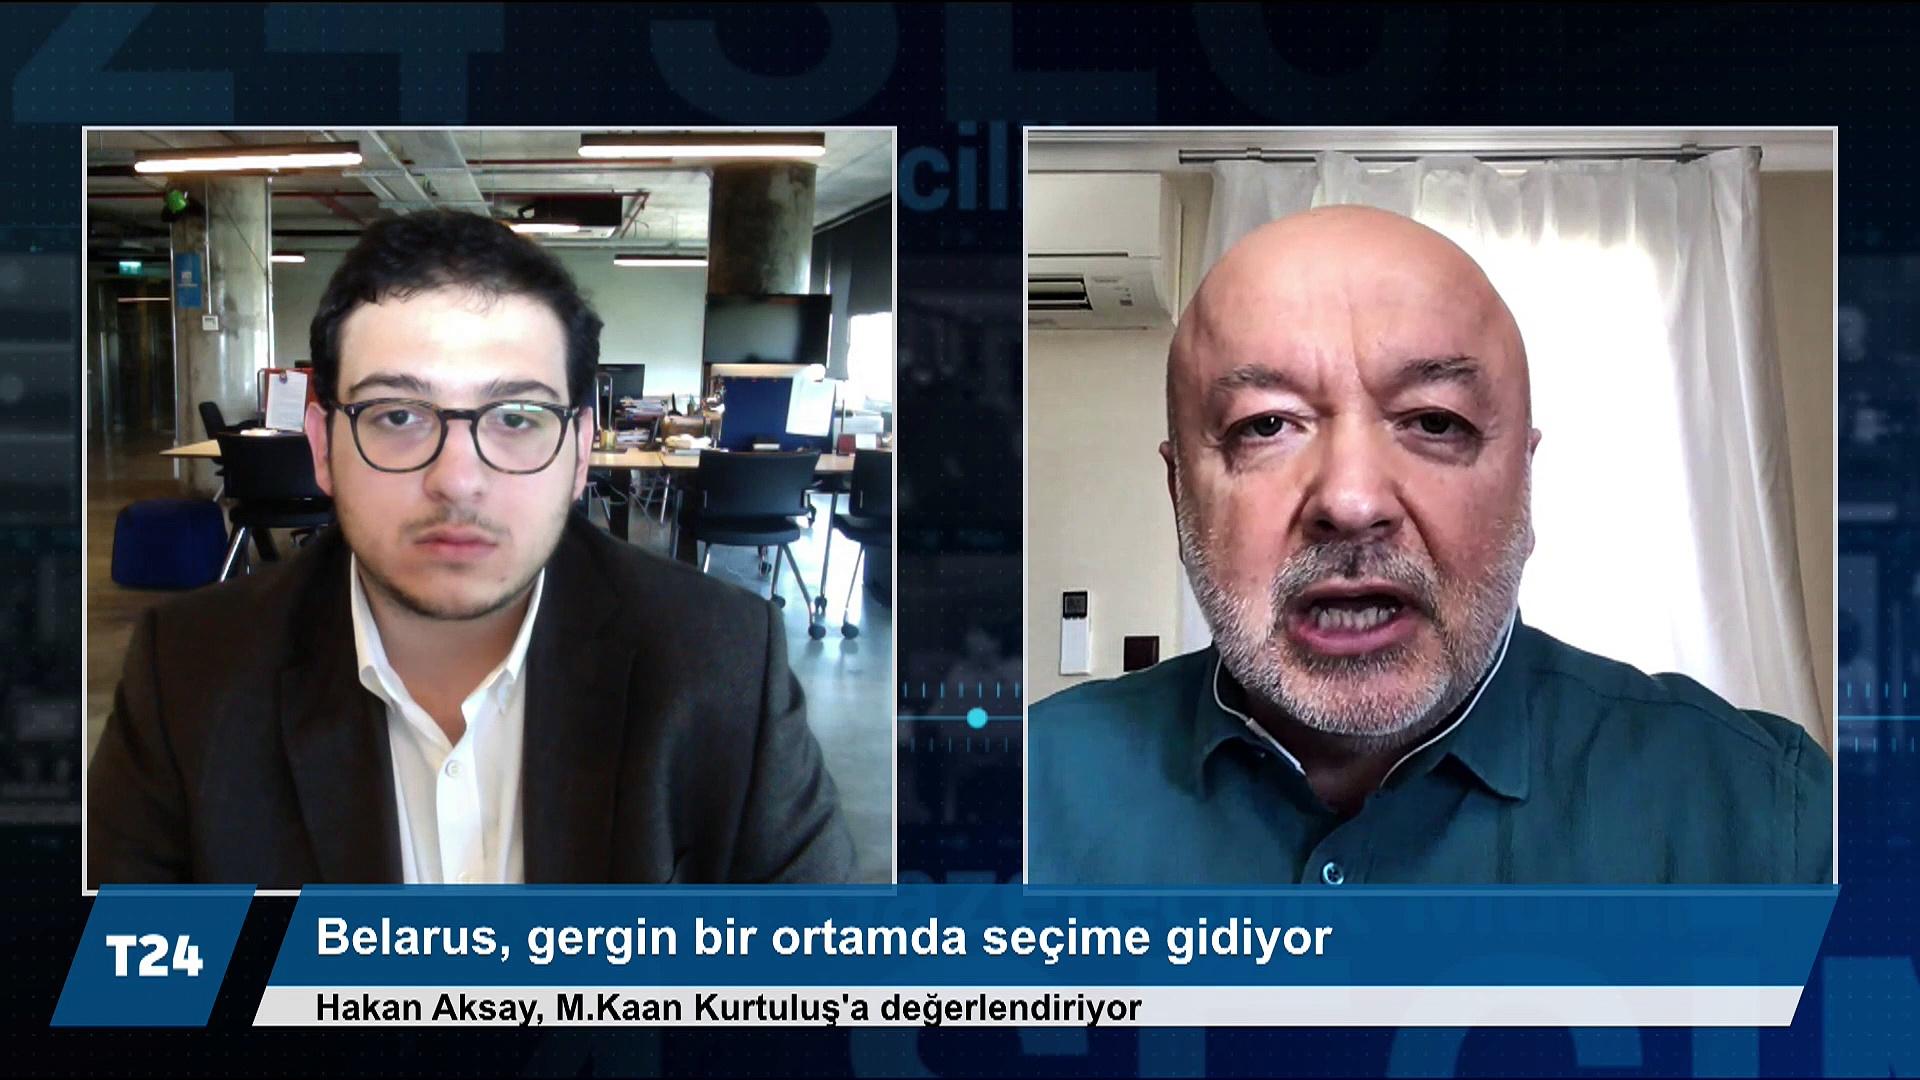 """""""Üç kadın, bir devlet, bir de hain dış güçler"""": Belarus'un seçimi"""